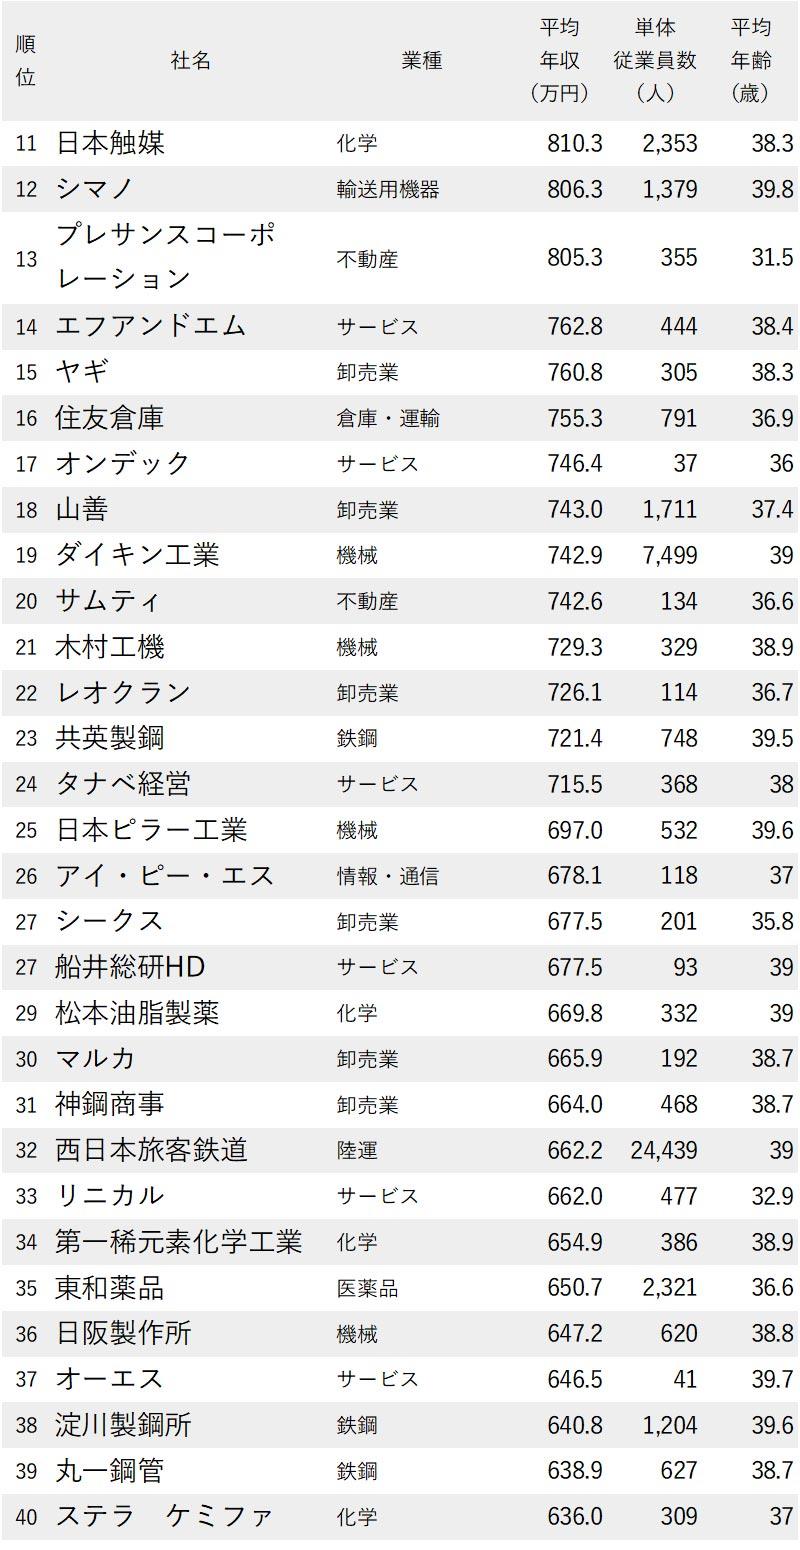 大阪30代高年収_11-40